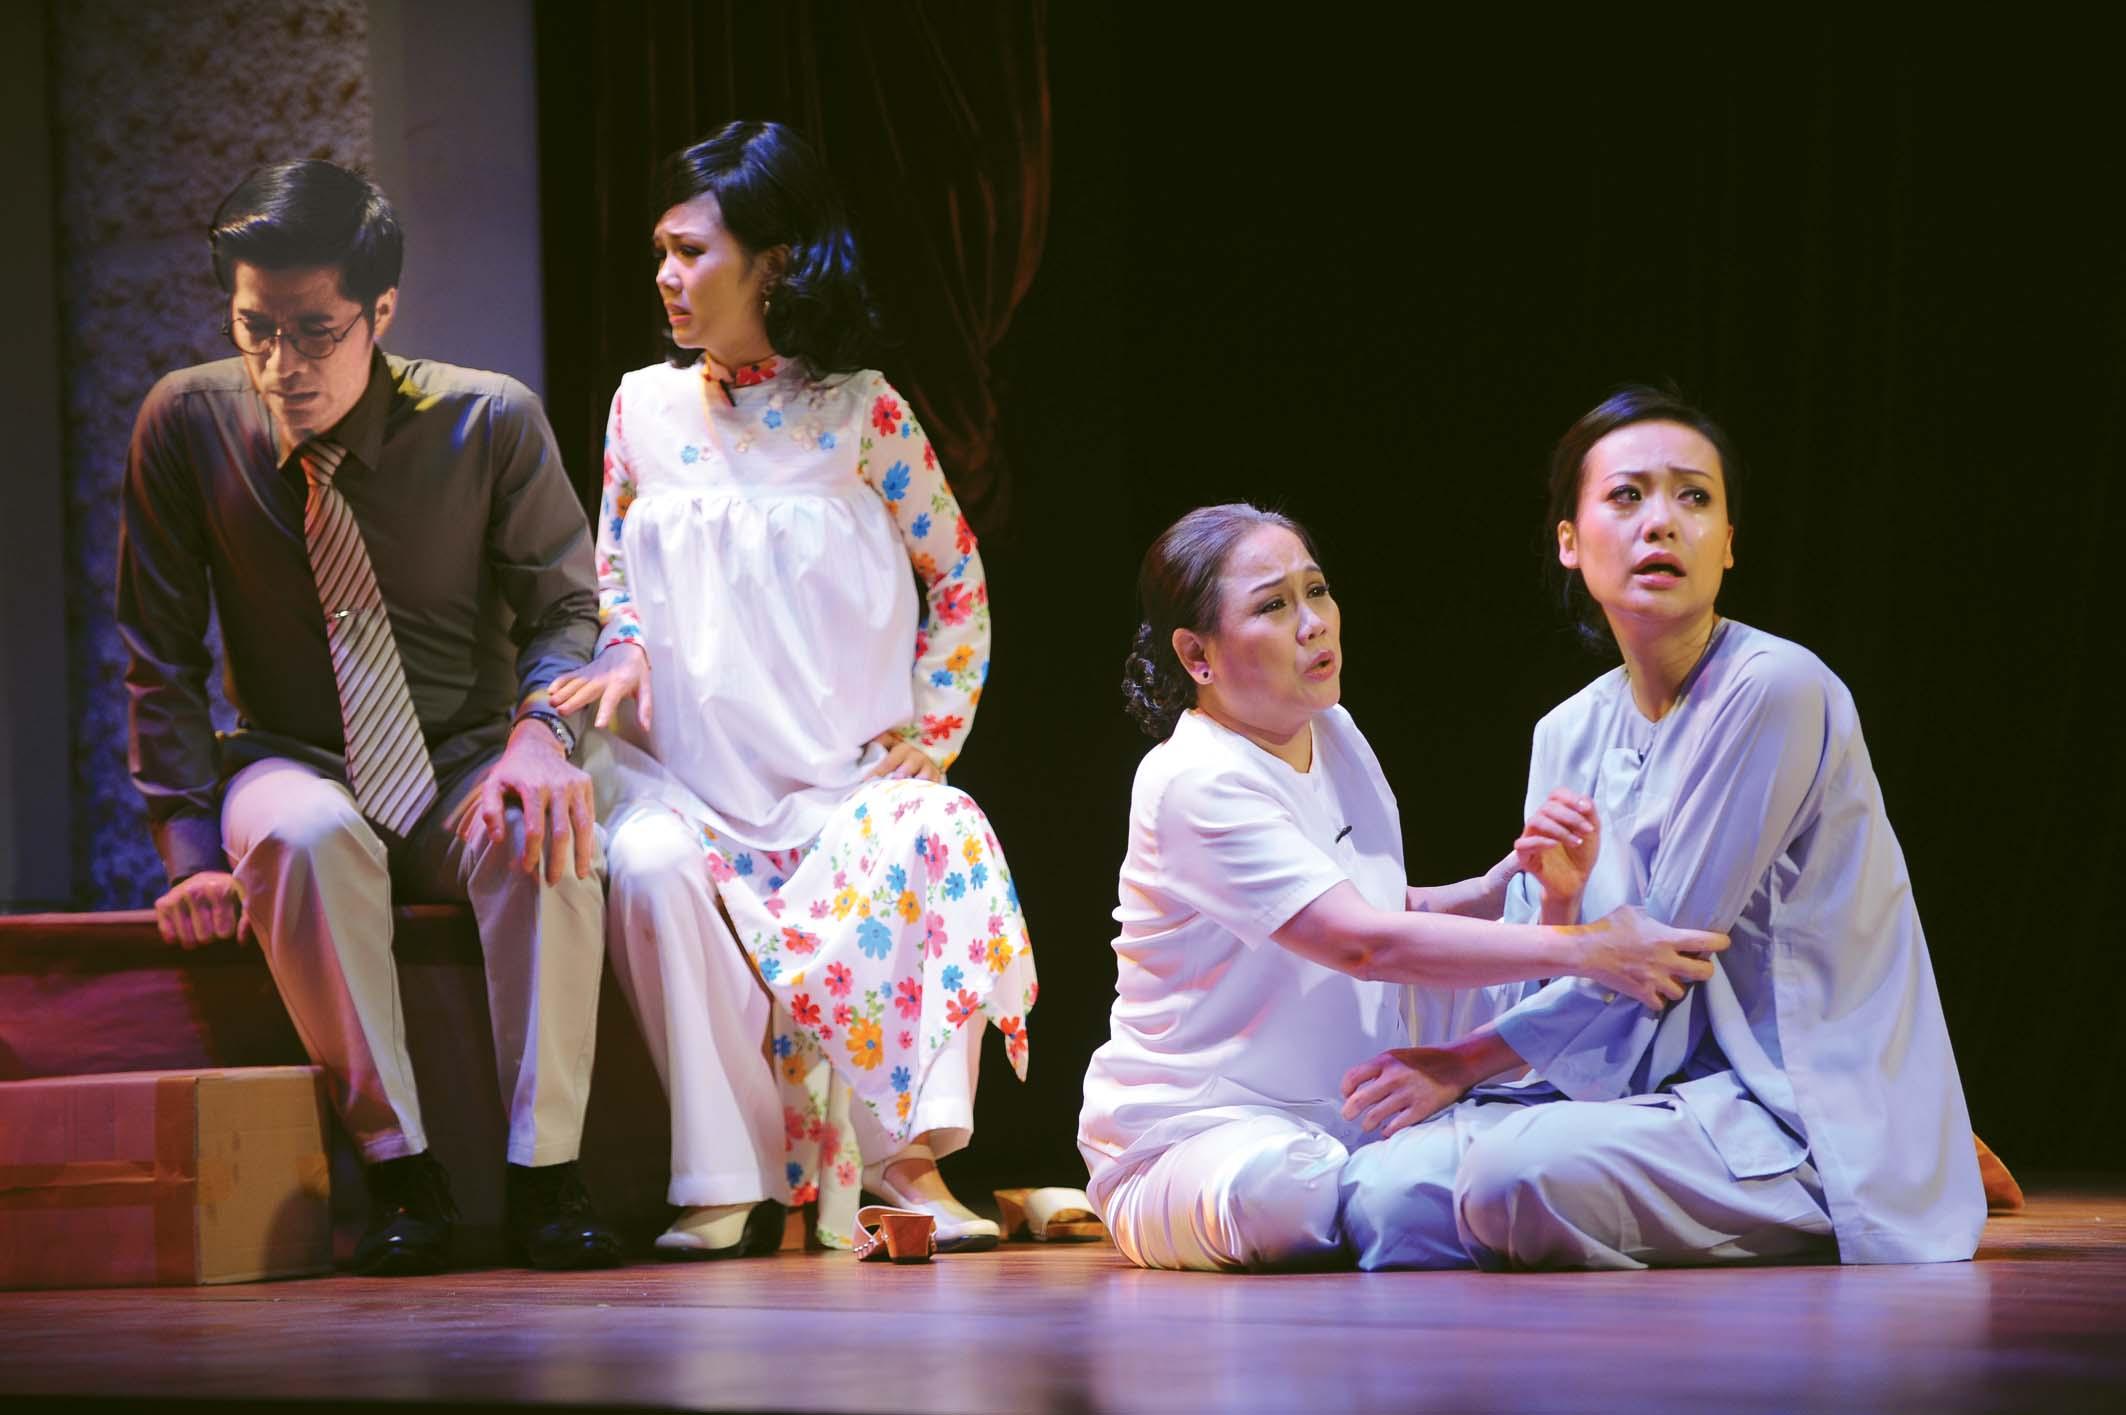 Nội lực diễn xuất của Ái Như là bệ đỡ cho các nghệ sĩ Hồng Ánh, Hoàng Vân Anh... làm nên giấc mơ nghệ thuật cho nhiều thế hệ khán giả